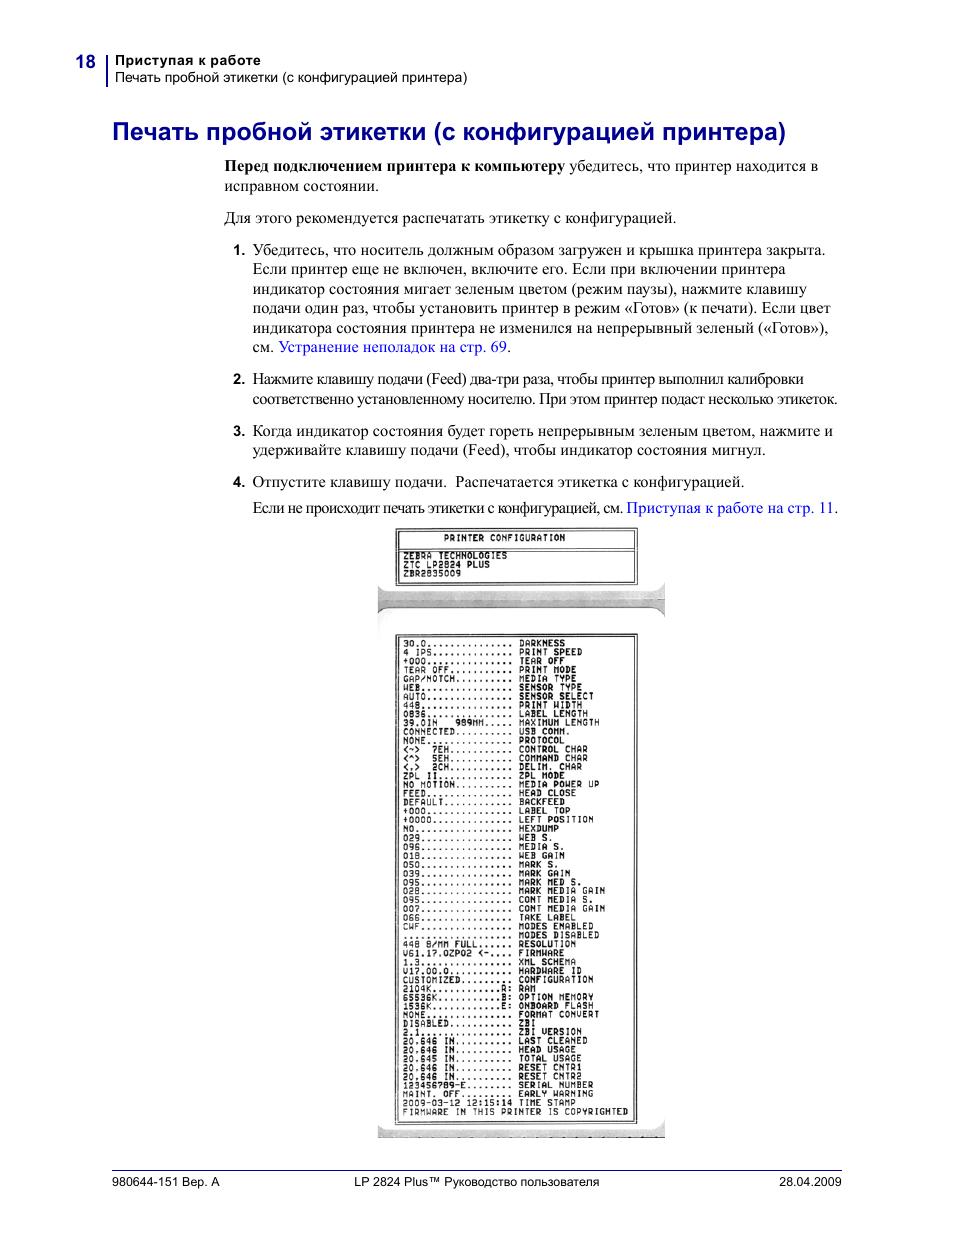 Инструкция печати на принтере